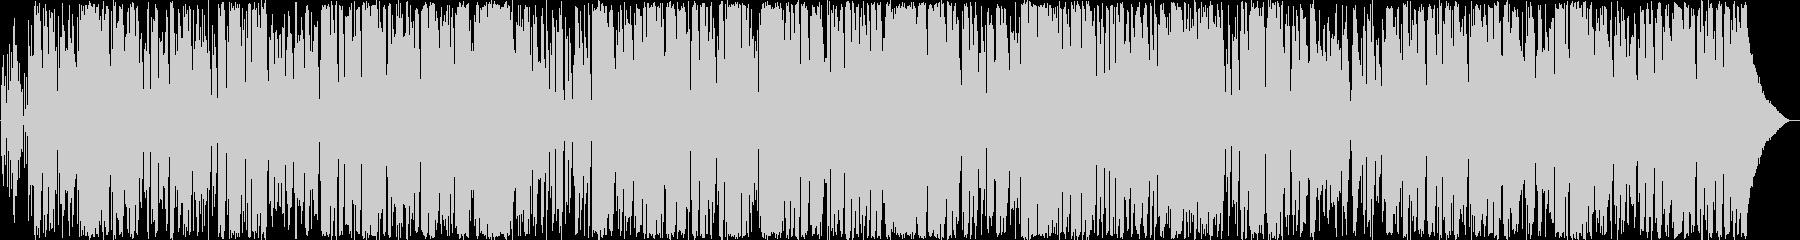 癒しのボサノバミュージックの未再生の波形